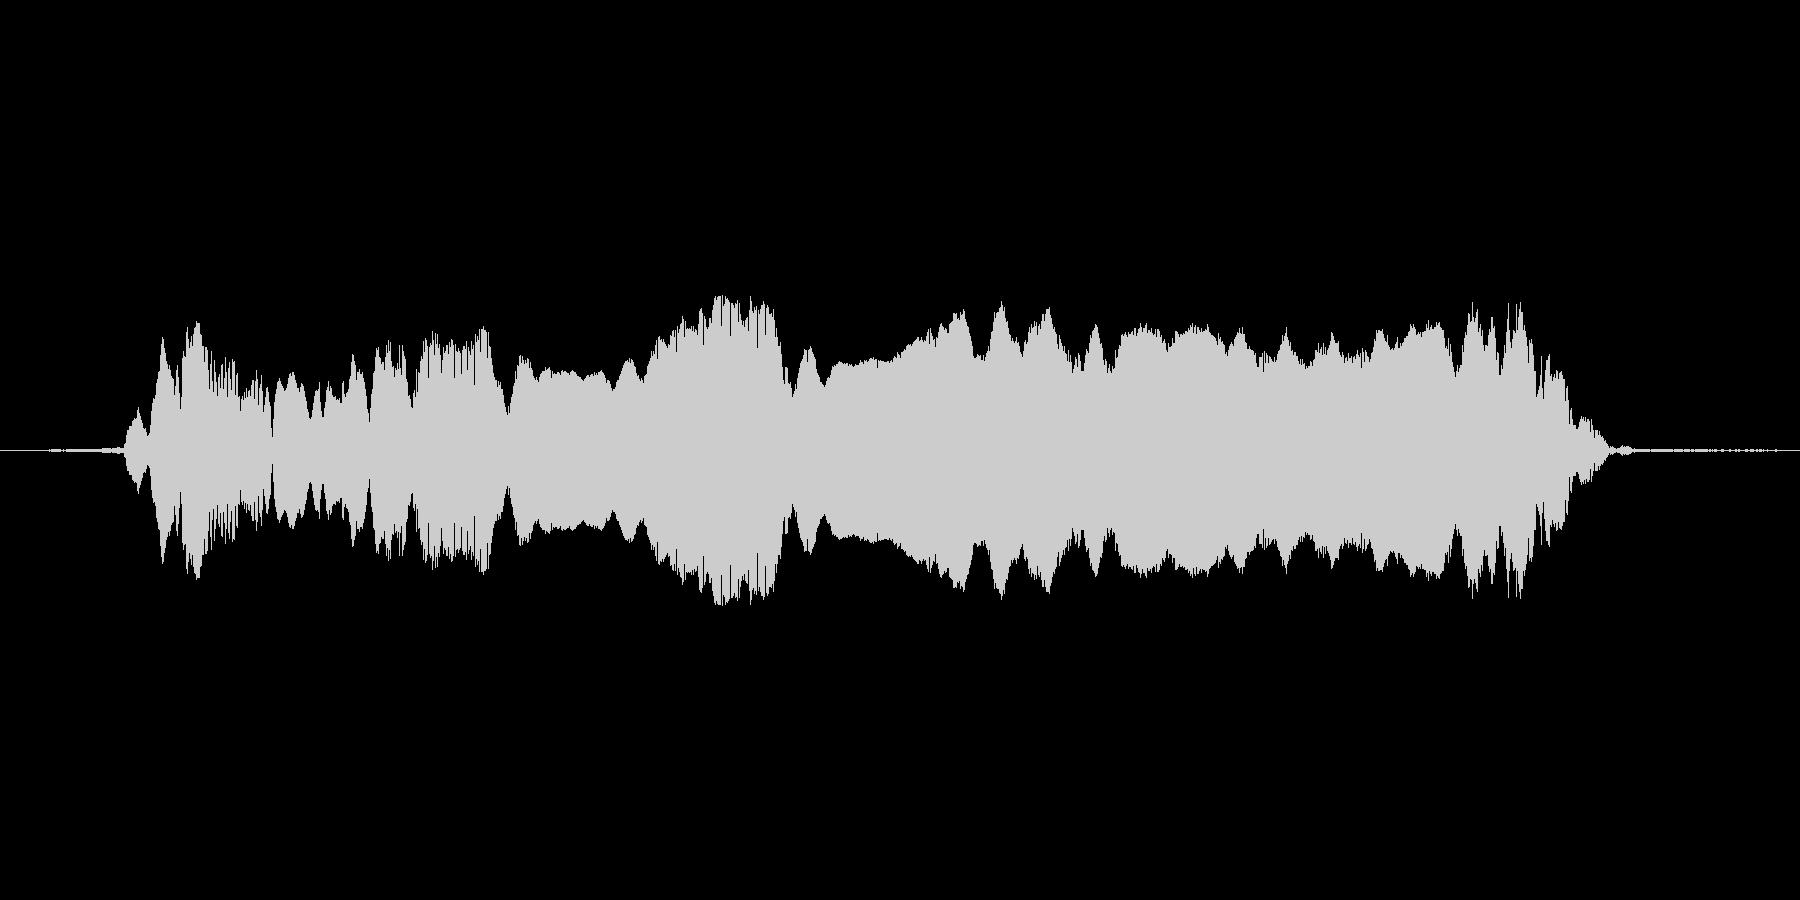 (おばけの嘆き声)の未再生の波形